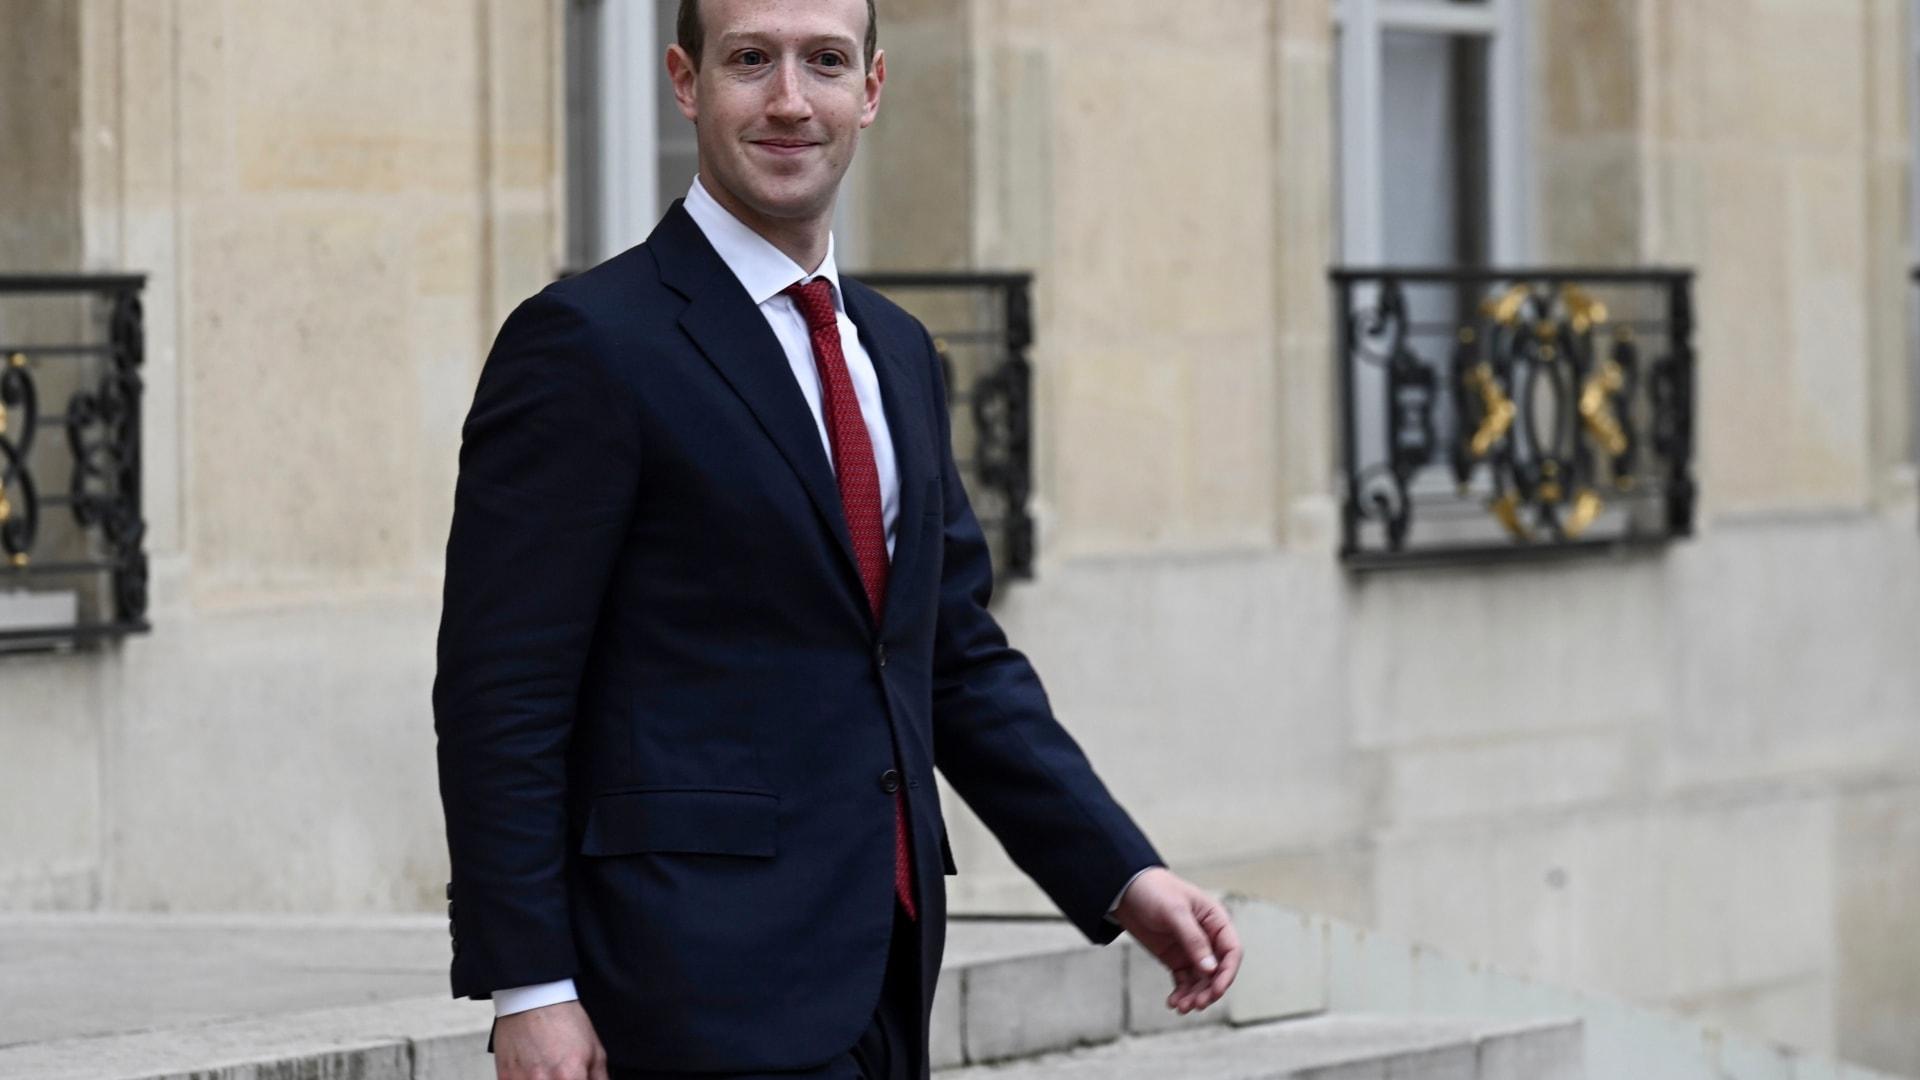 استغرق فيس بوك 15 عامًا للهيمنة على العالم.. إليكم الطريقة